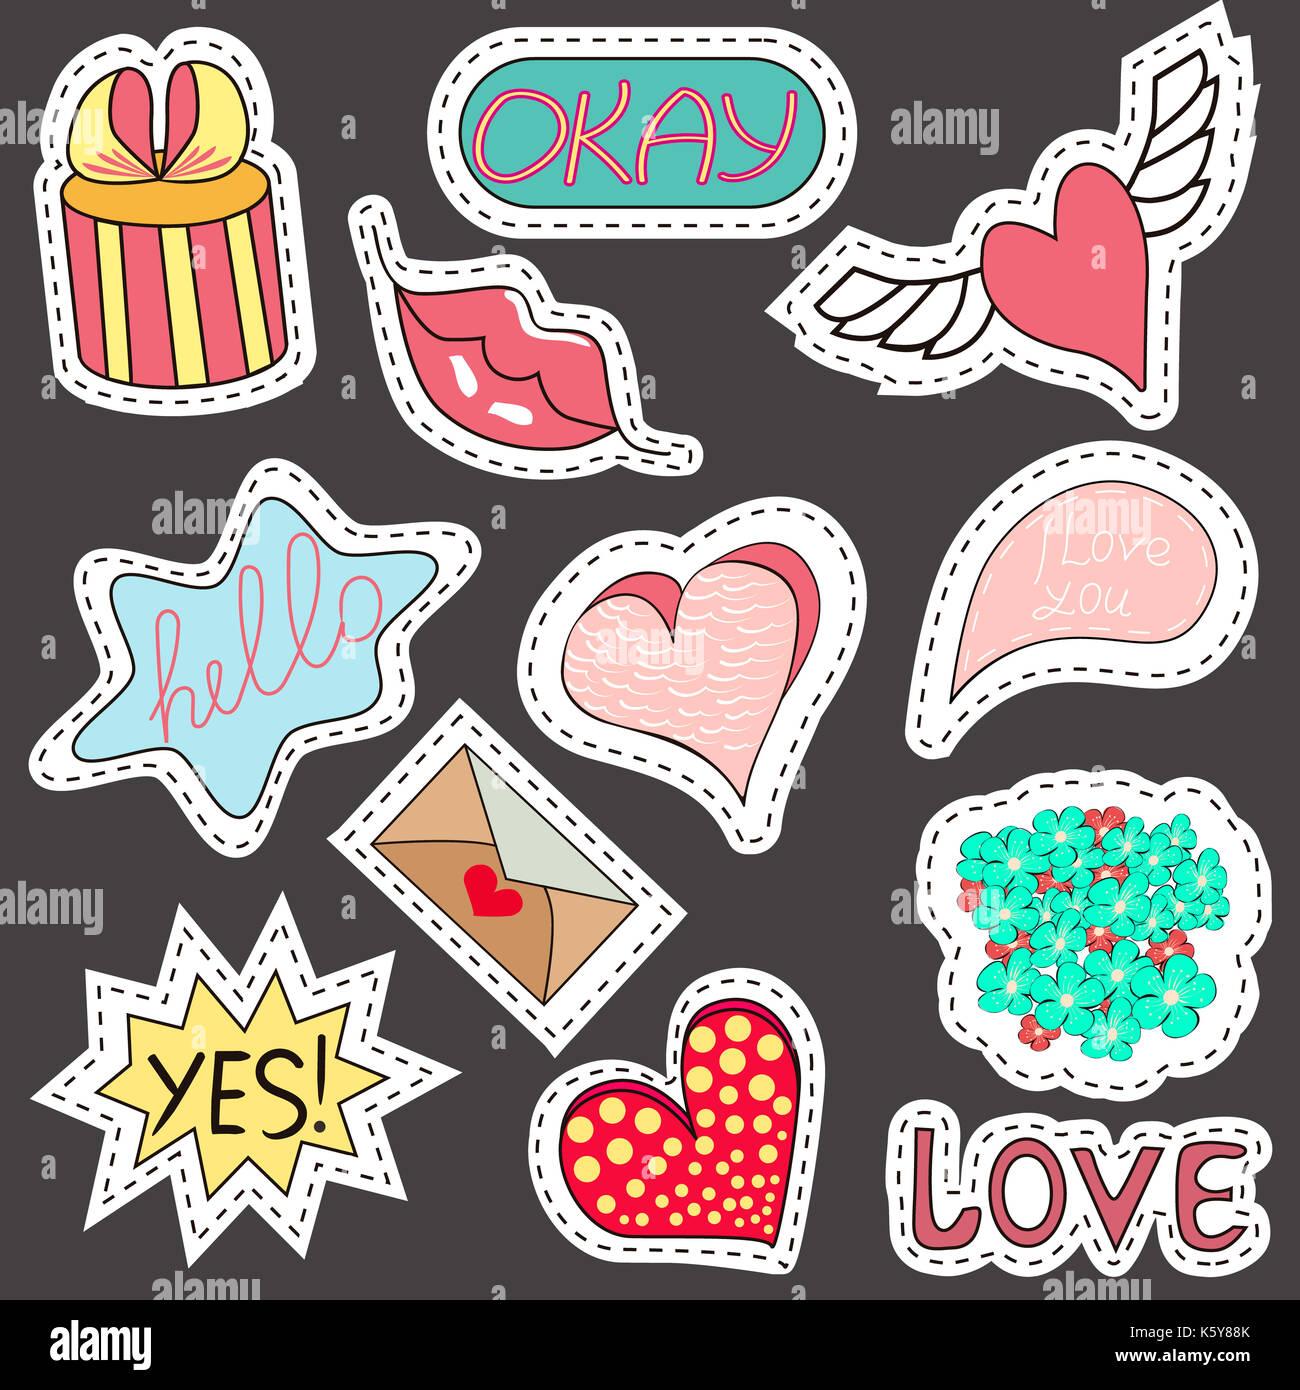 472fe0a256 Comics sketch conjunto de pegatinas con corazones, bocadillos de texto,  texto fresco, amor, relámpagos, labios, anillos gafas de sol